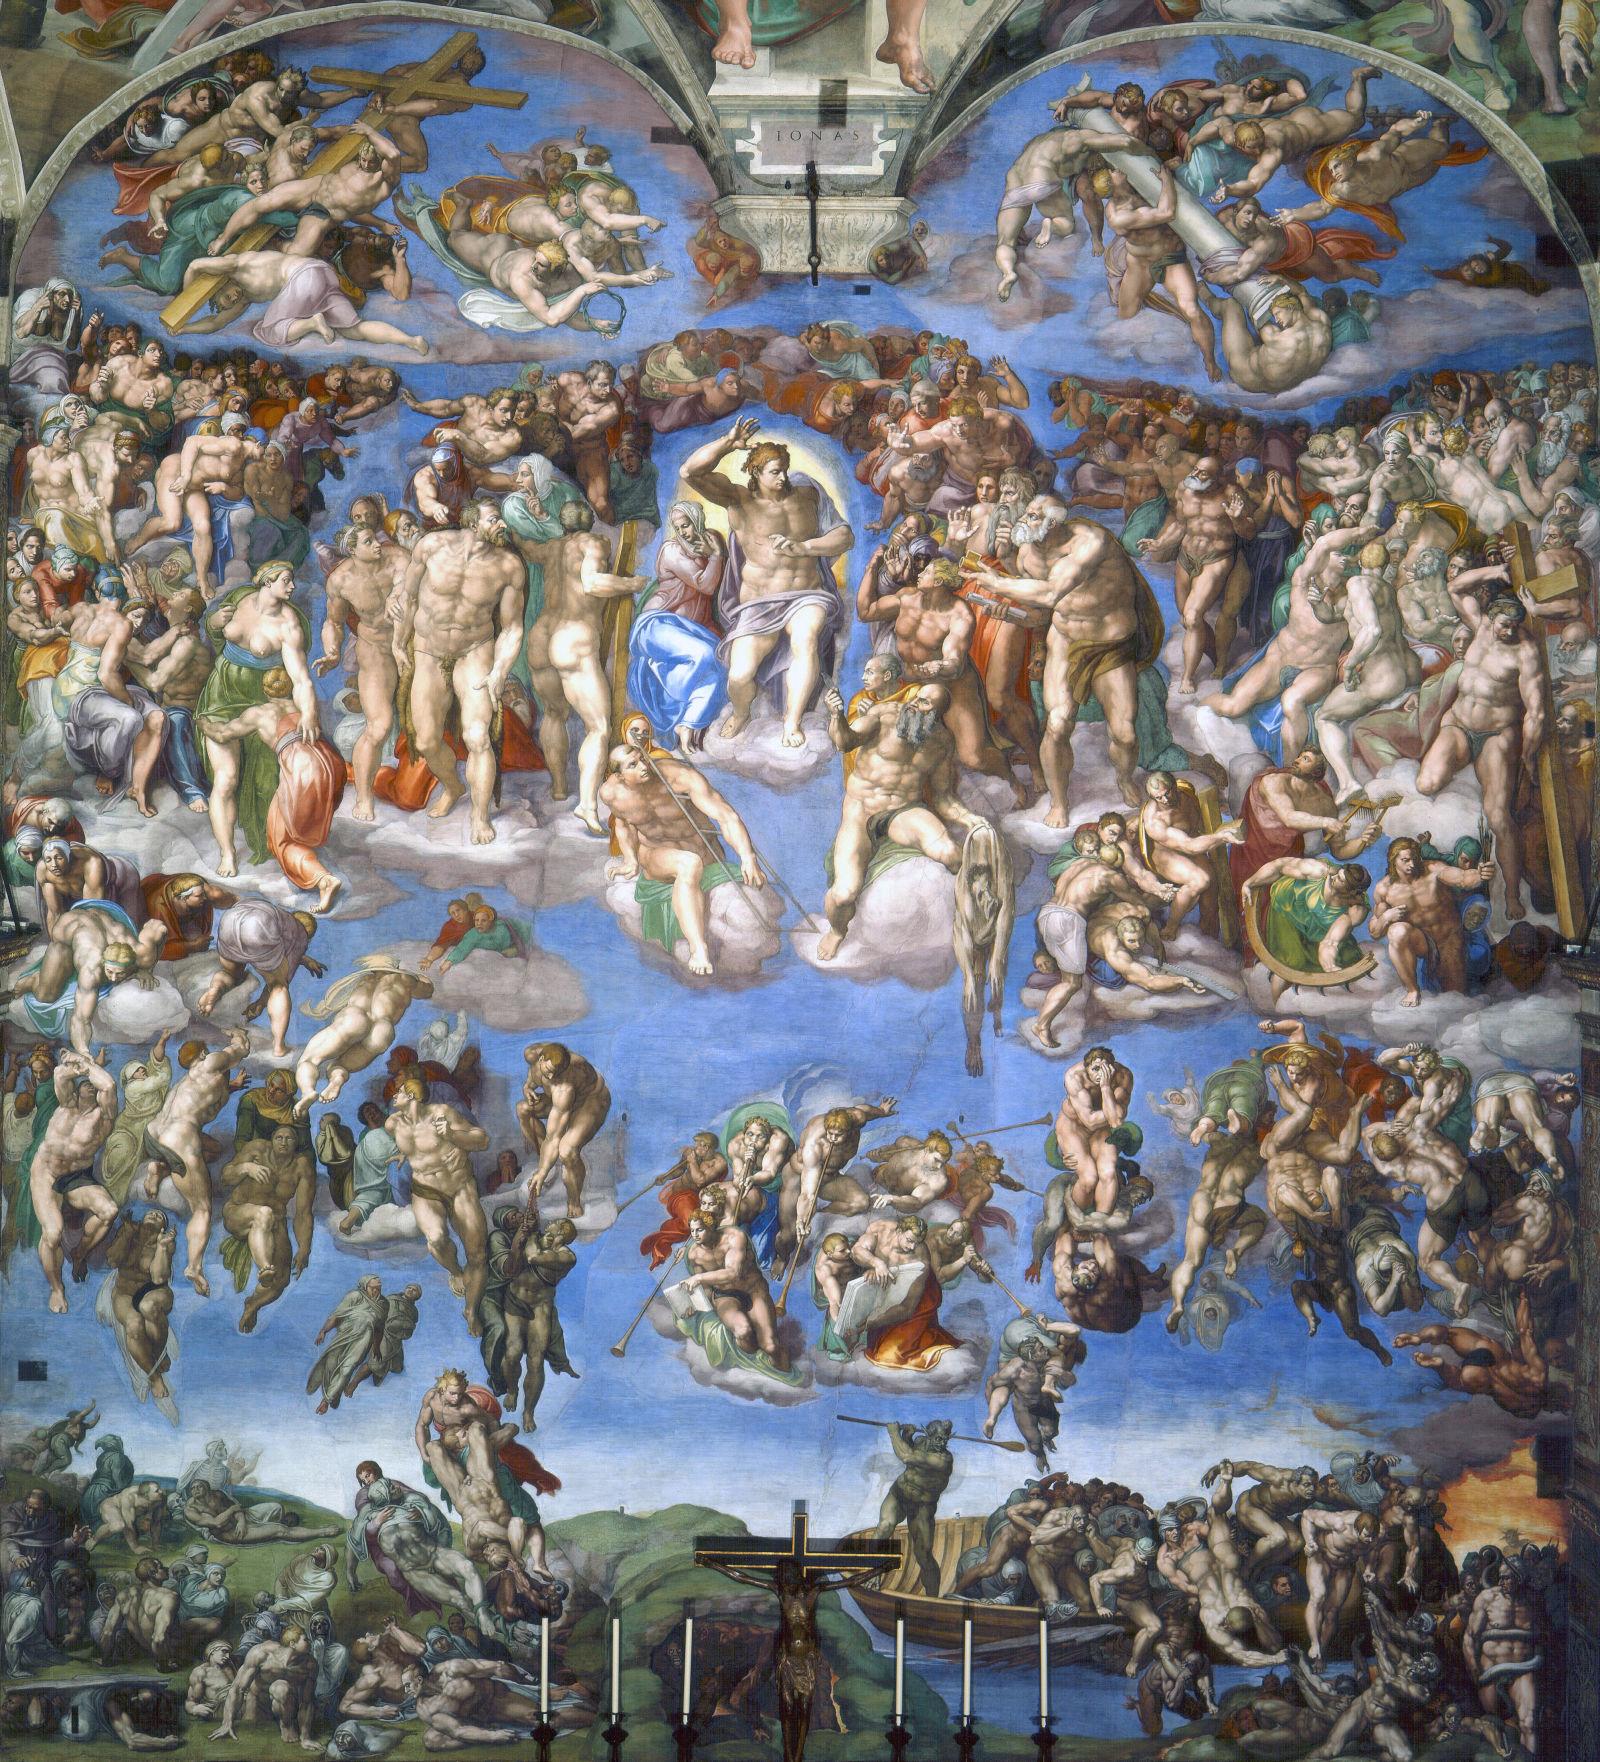 Afresco de Michelangelo do Juízo Final de 1541. Imagem: Commons